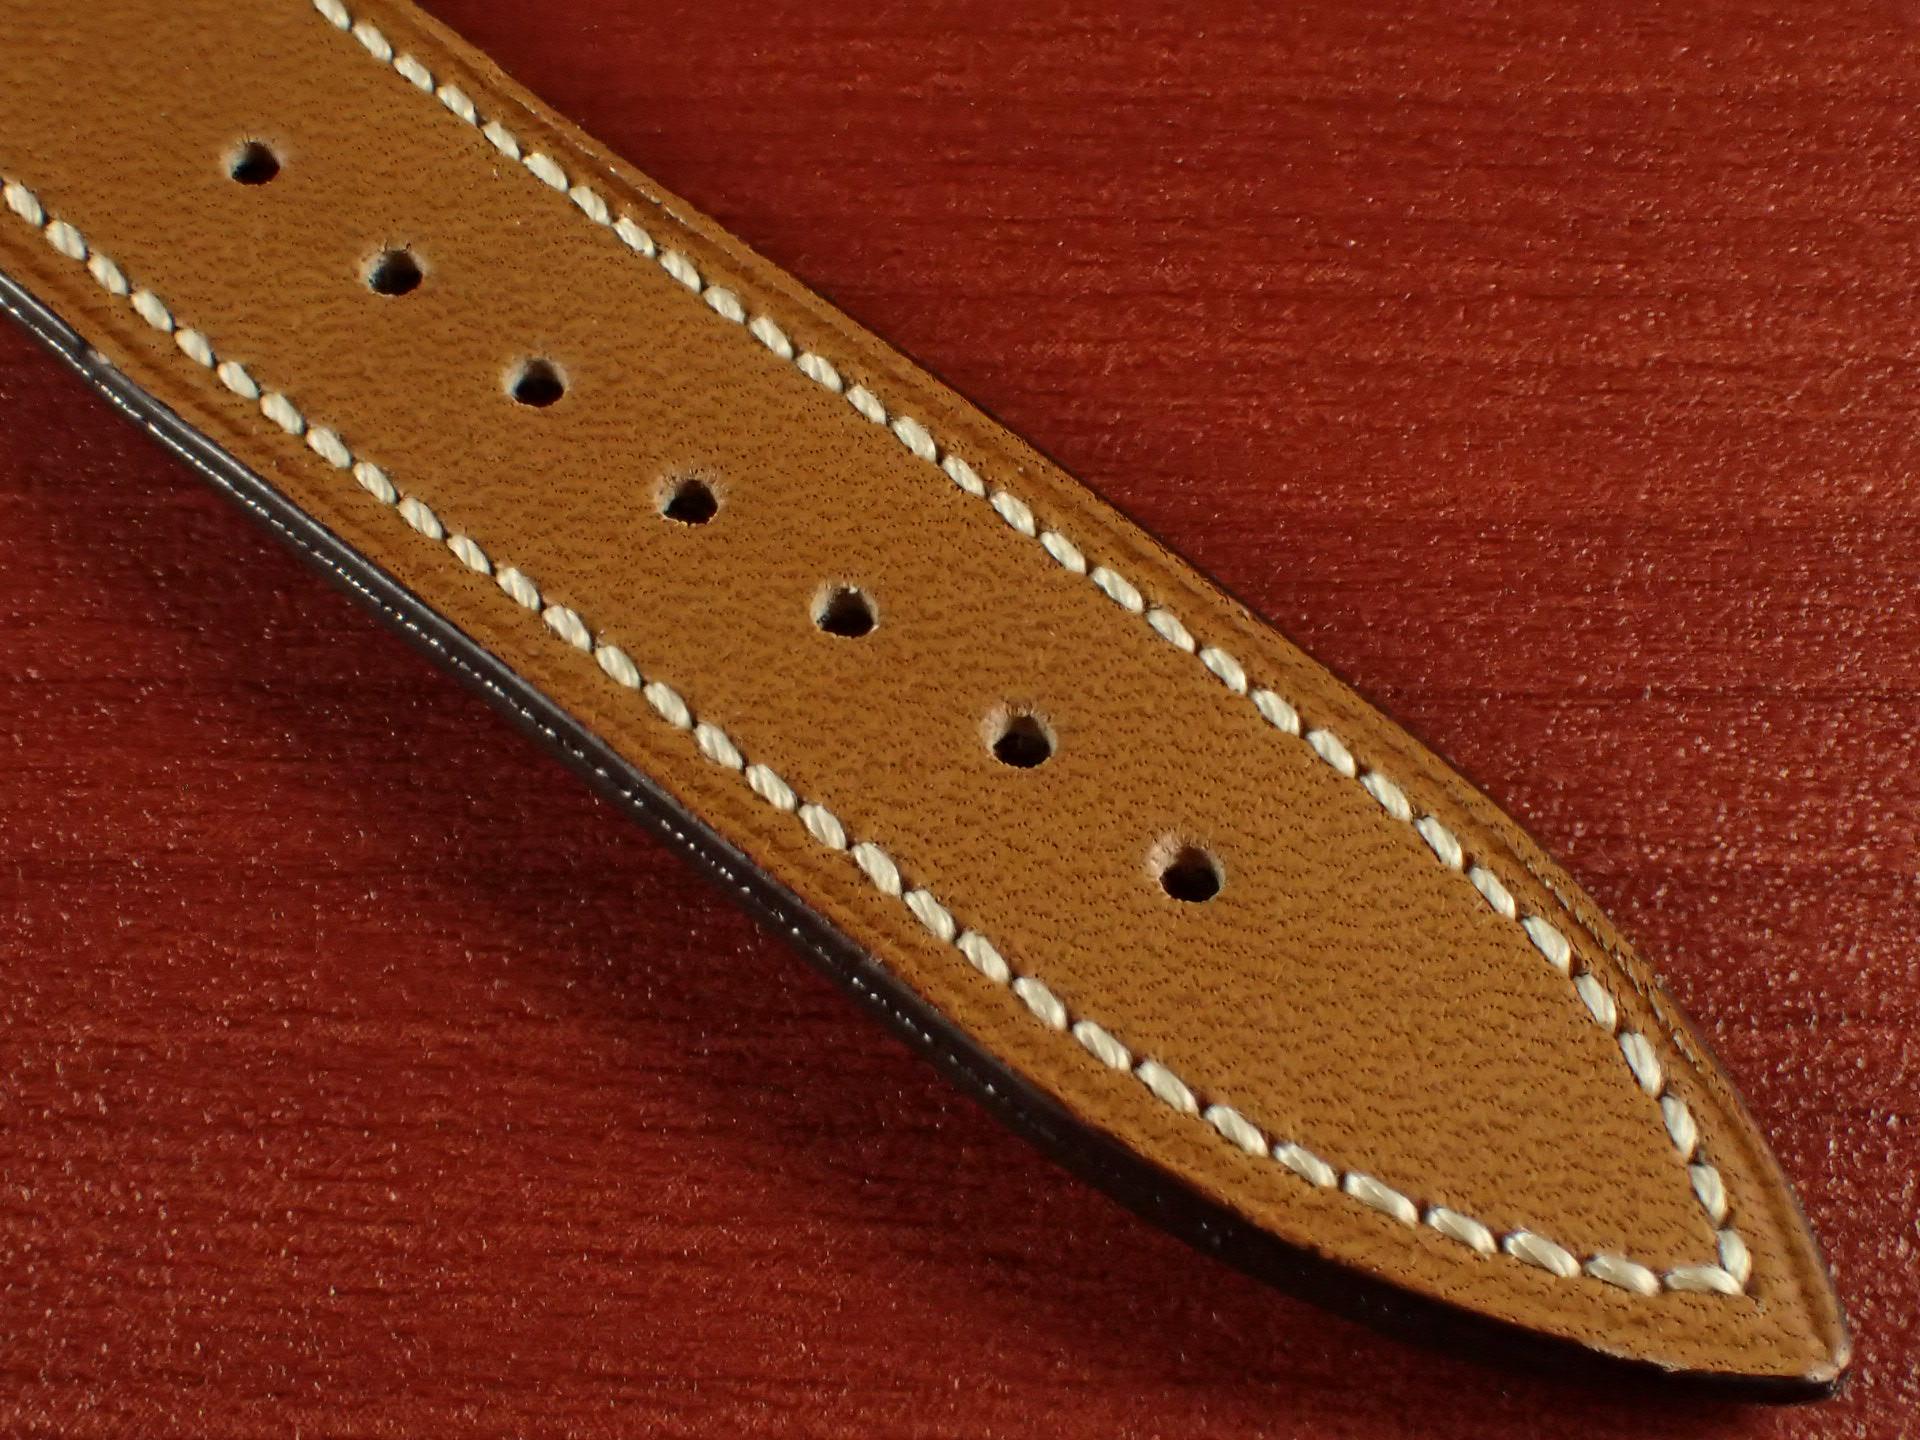 ジャン・クロード ペラン革ベルト カーフ キャメル 16、17、18、19、20mmの写真5枚目